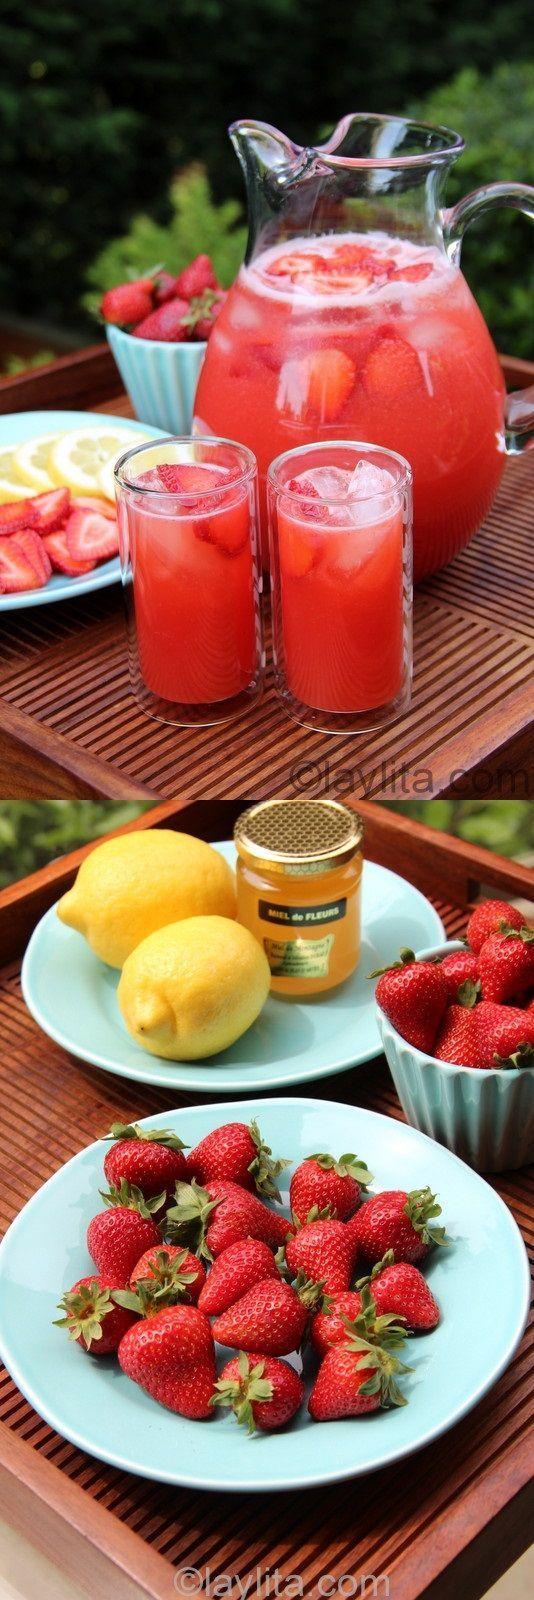 Homemade strawberry lemonade recipe!